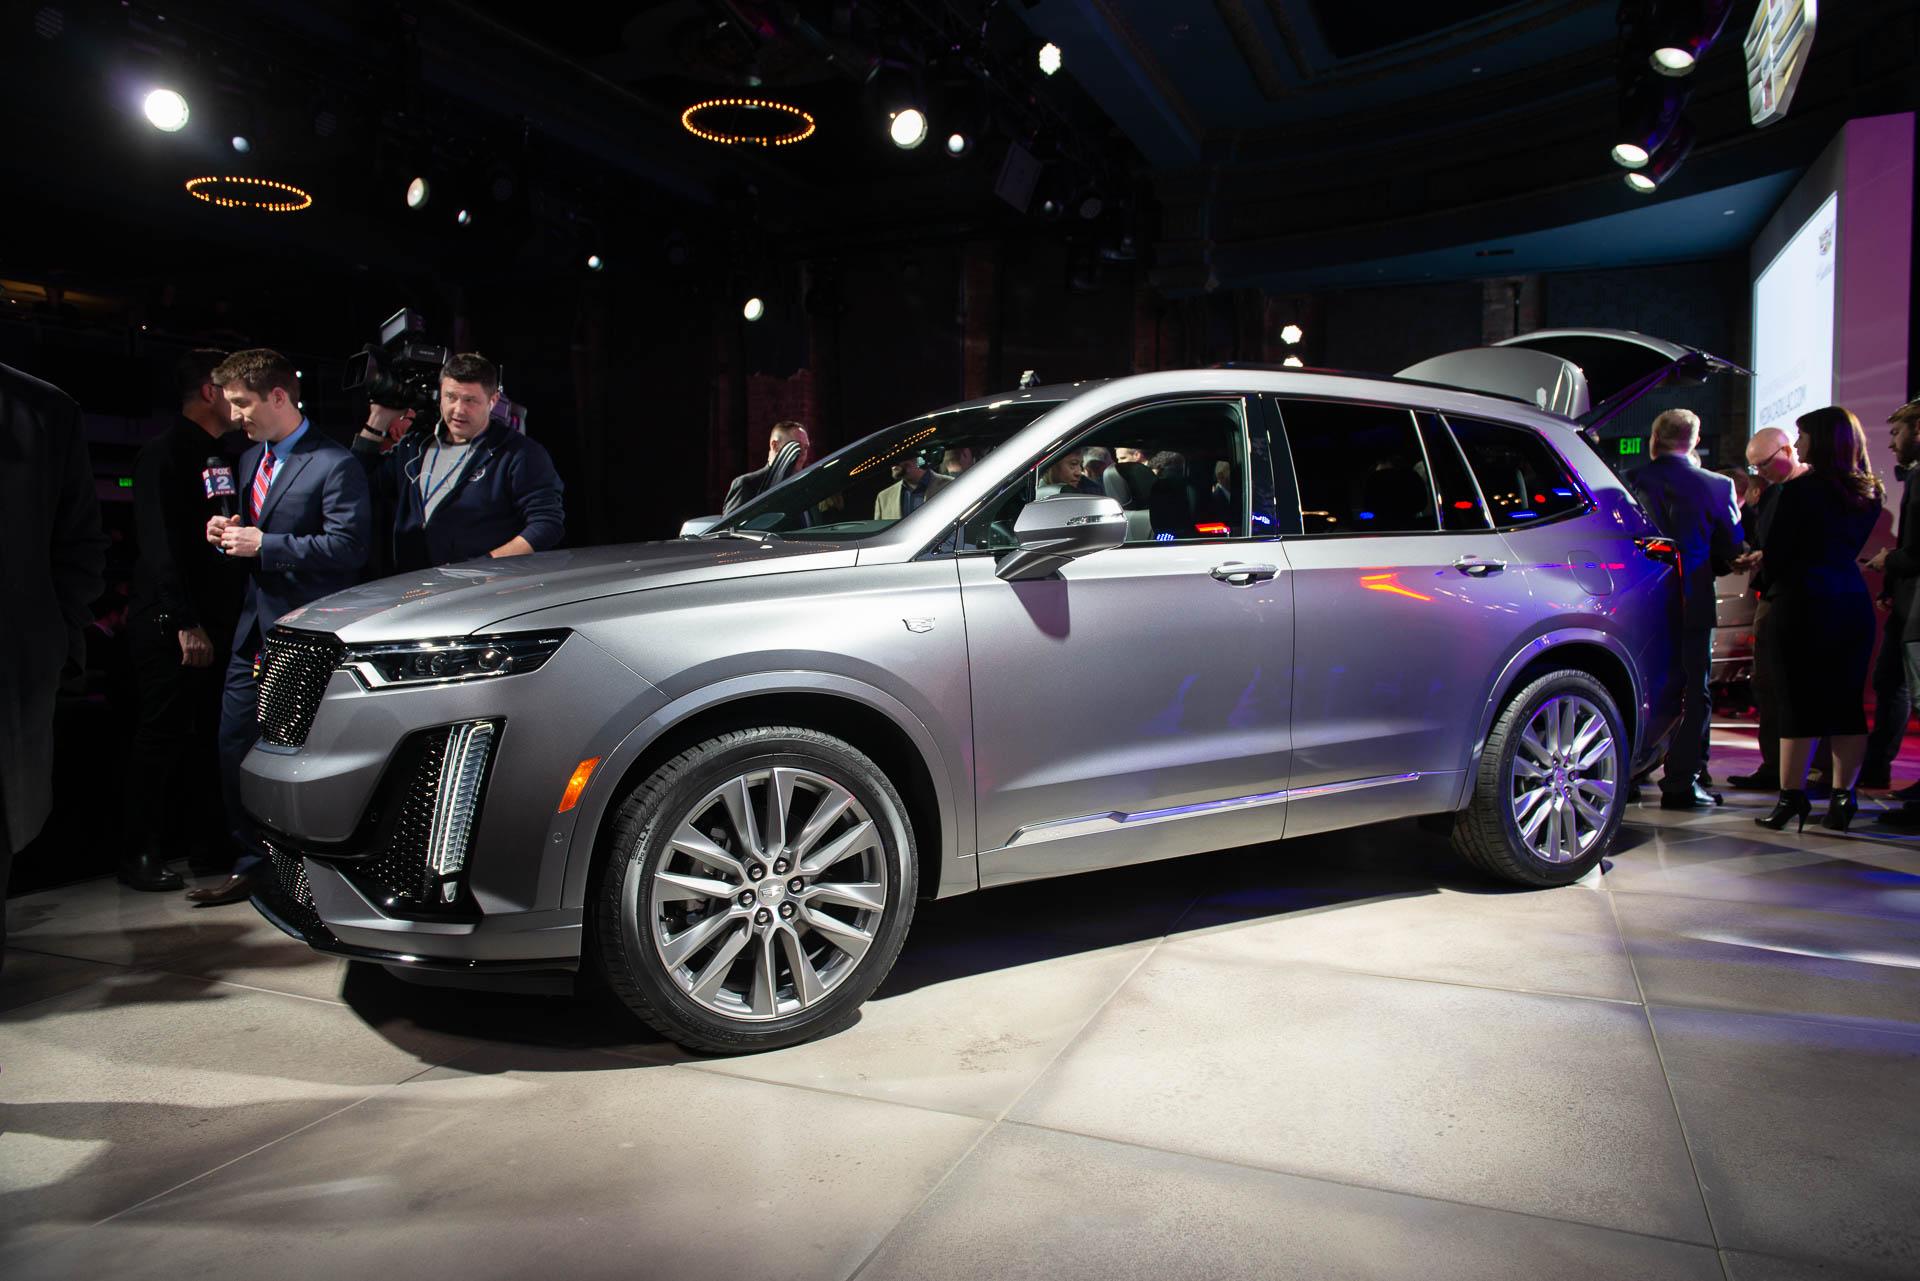 2019 Cadillac XT6: New Mid-Size 3-Row Crossover SUV >> 2020 Cadillac Xt6 Luxury Three Row Crossover Suv First Look Family